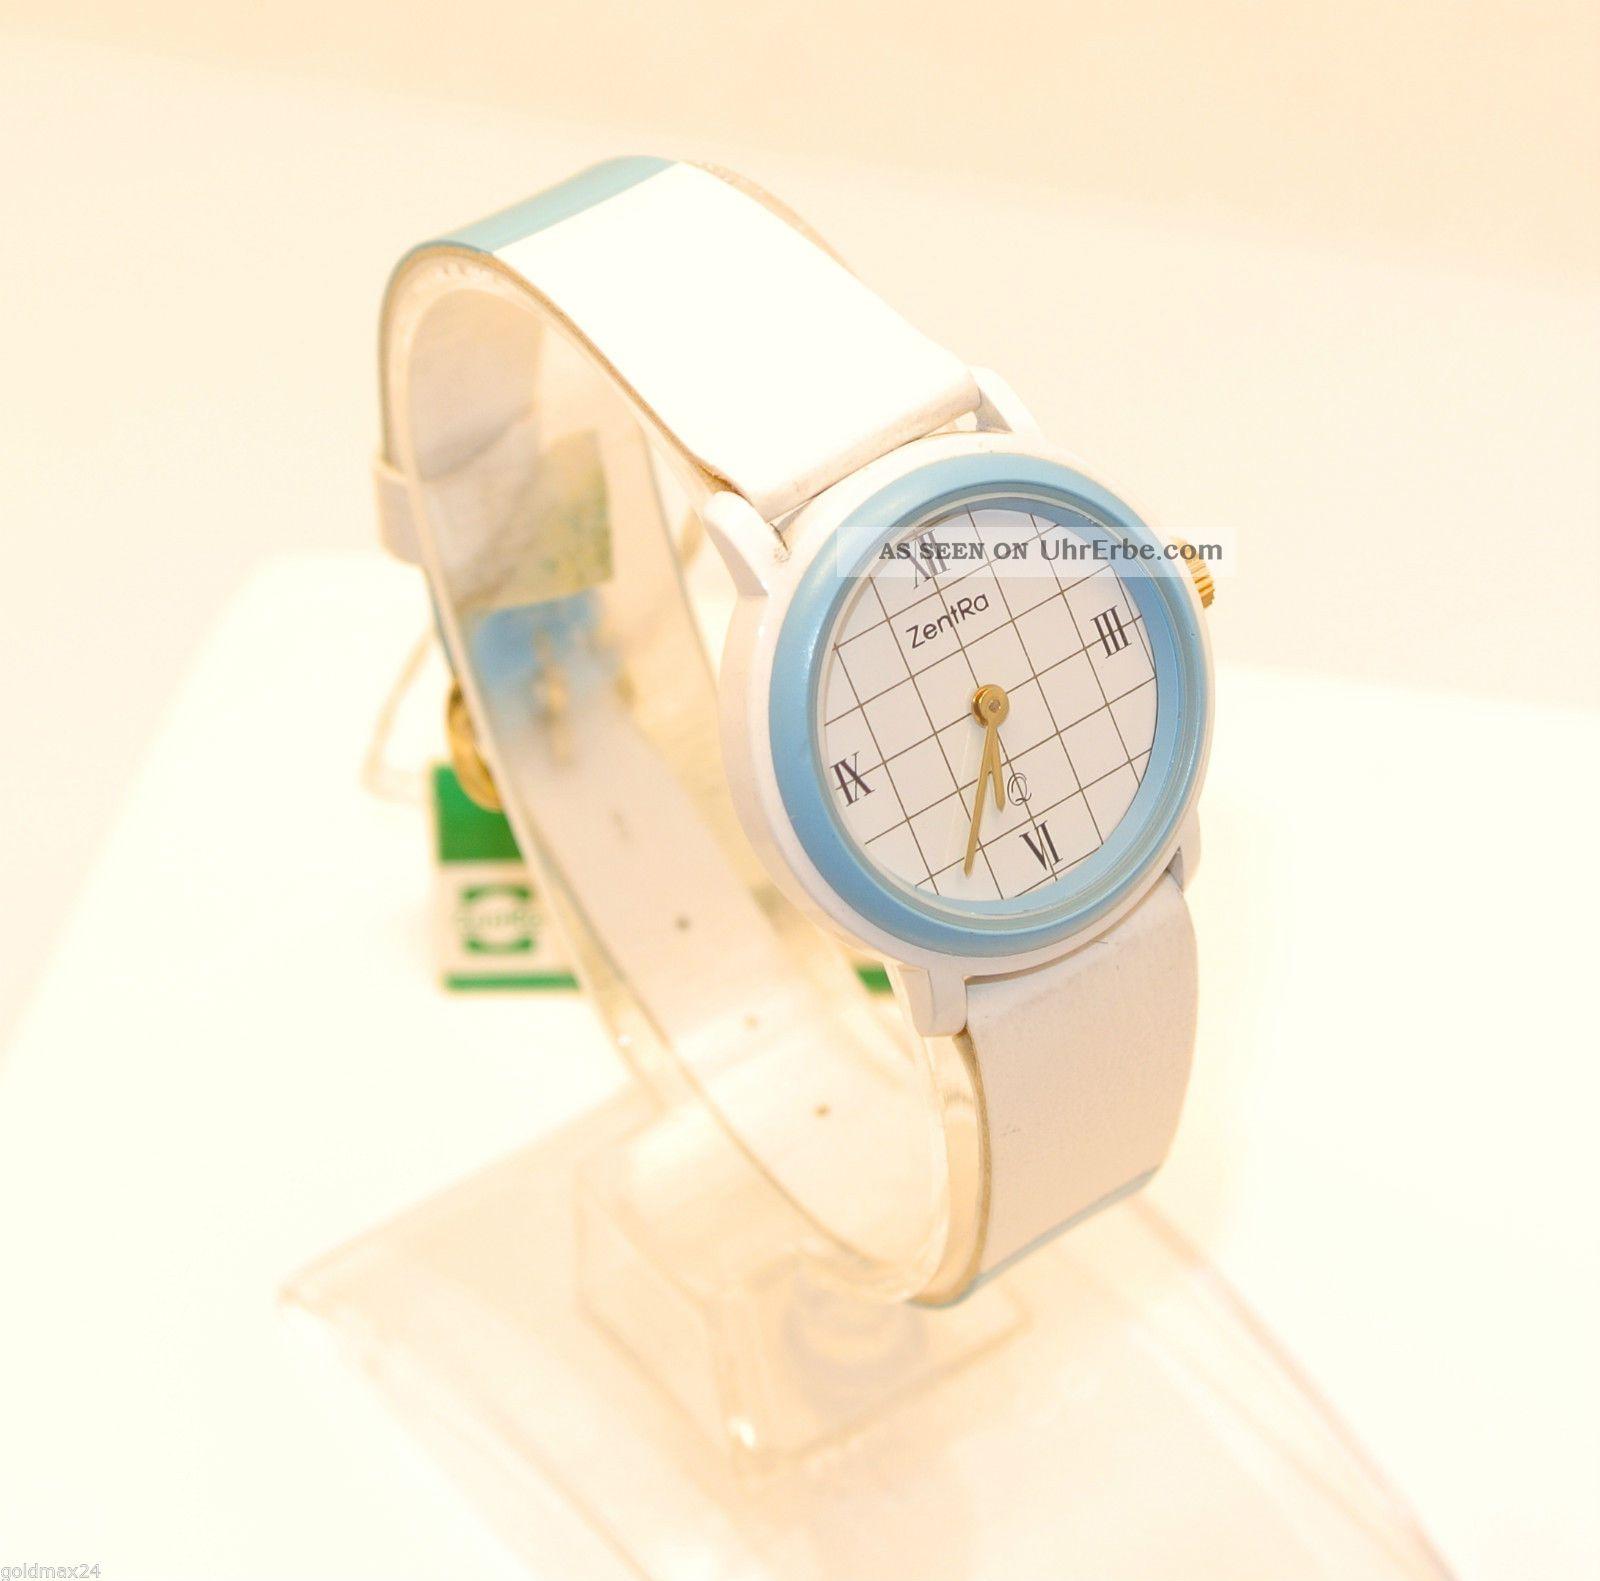 Zentra Q - Damenarmbanduhr In Blau/weiß / Quarz / Lederarmband Armbanduhren Bild